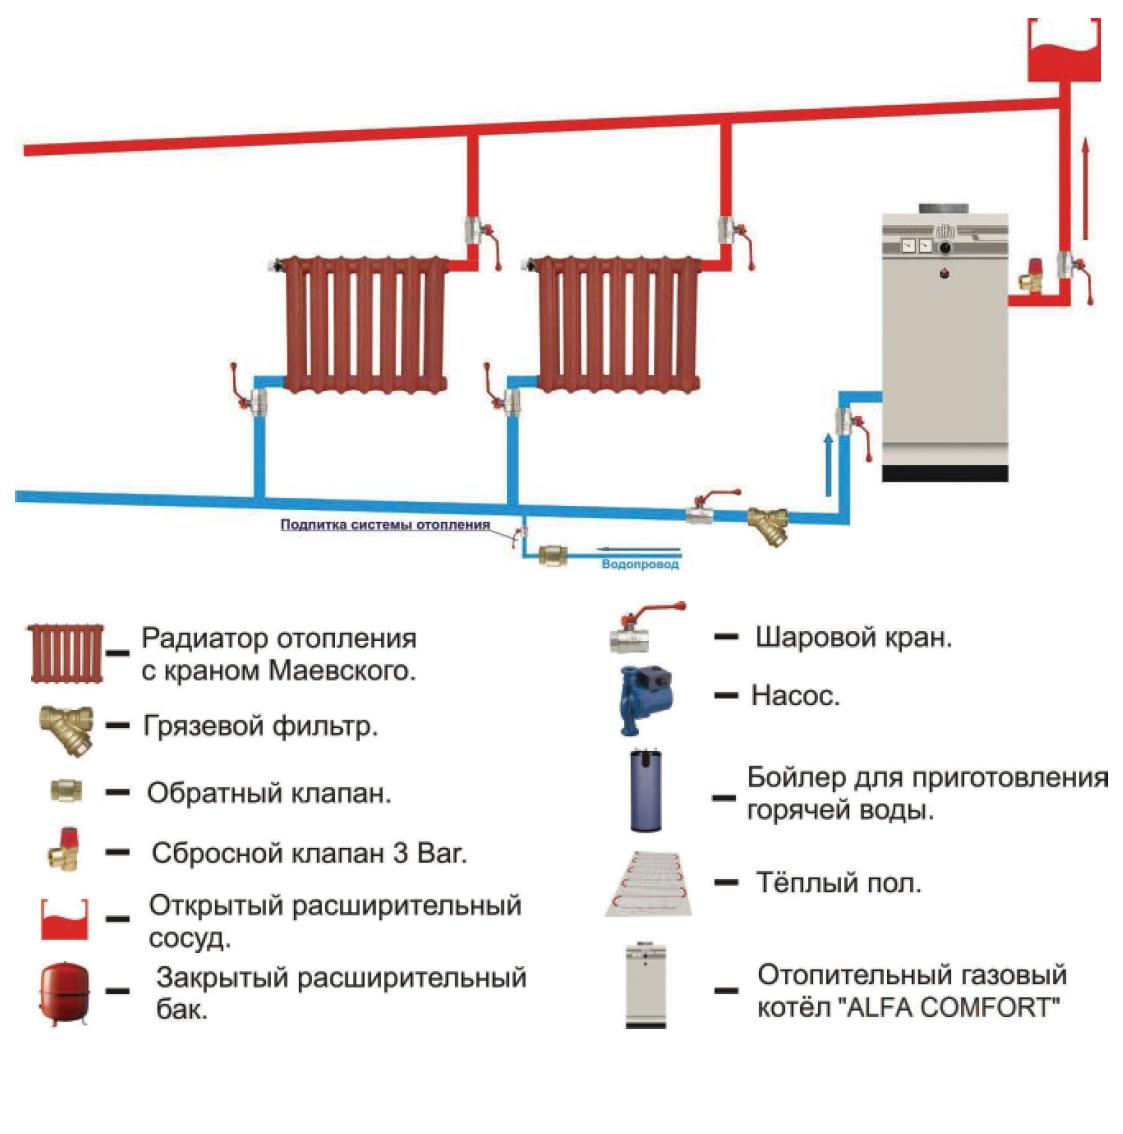 Все об энергонезависимых газовых котлах отопления